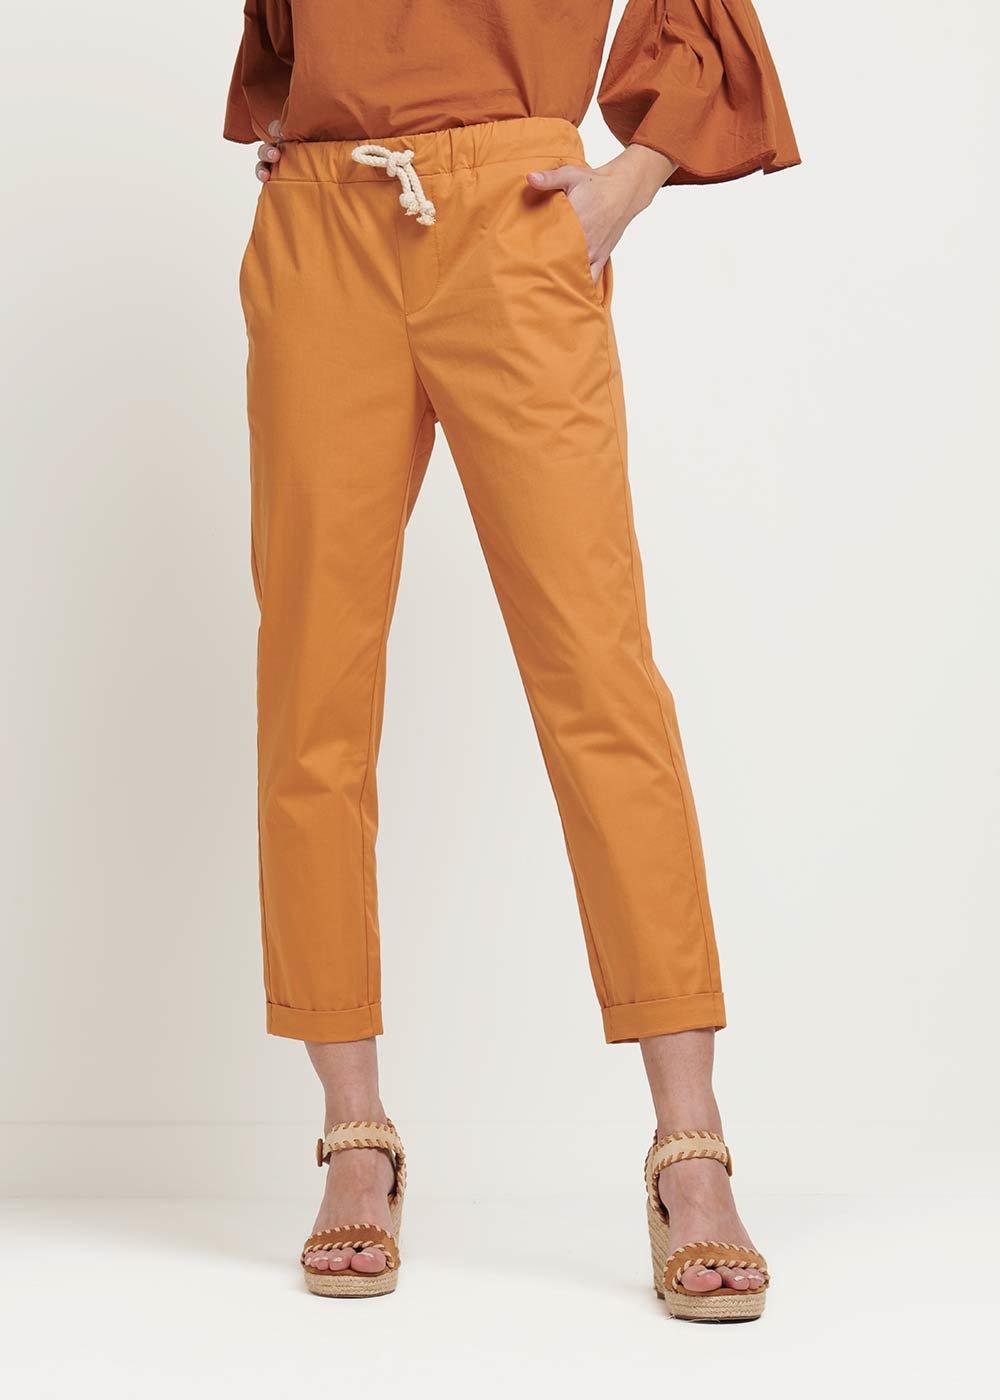 Pantalone Cara con cordoncino in vita - Cannella - Donna